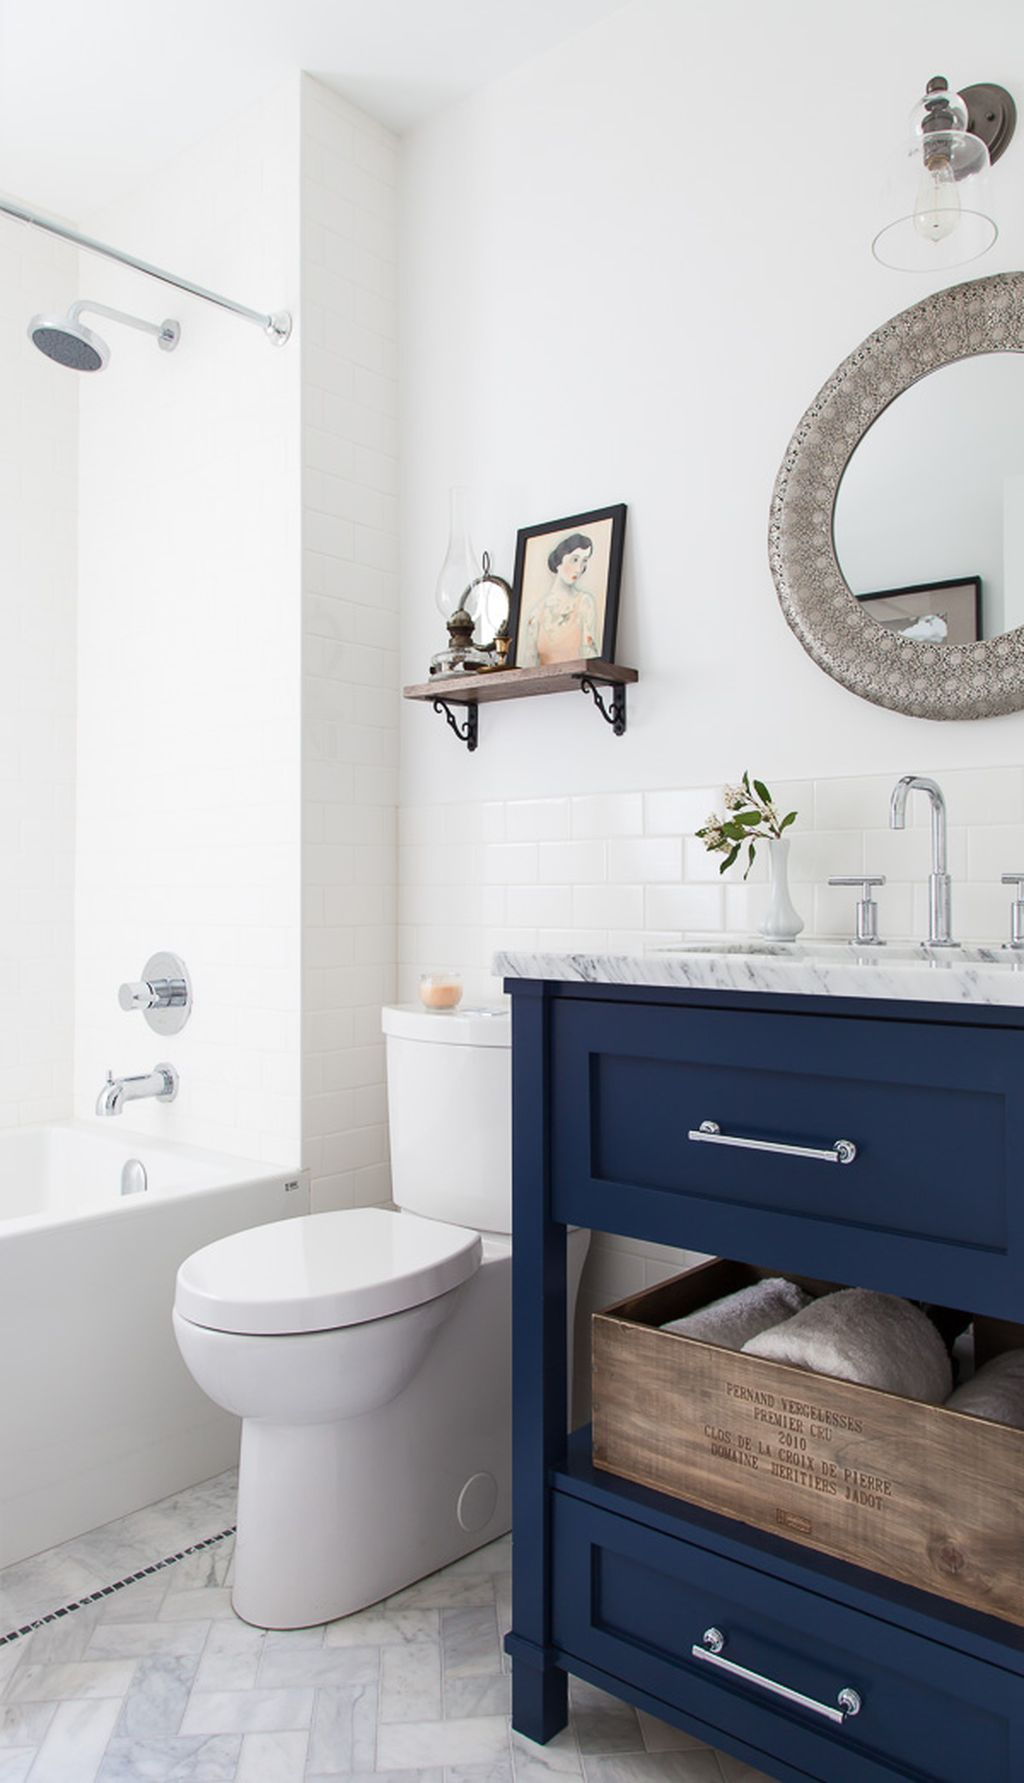 Inspiring Rustic Bathroom Vanity Remodel Ideas 22